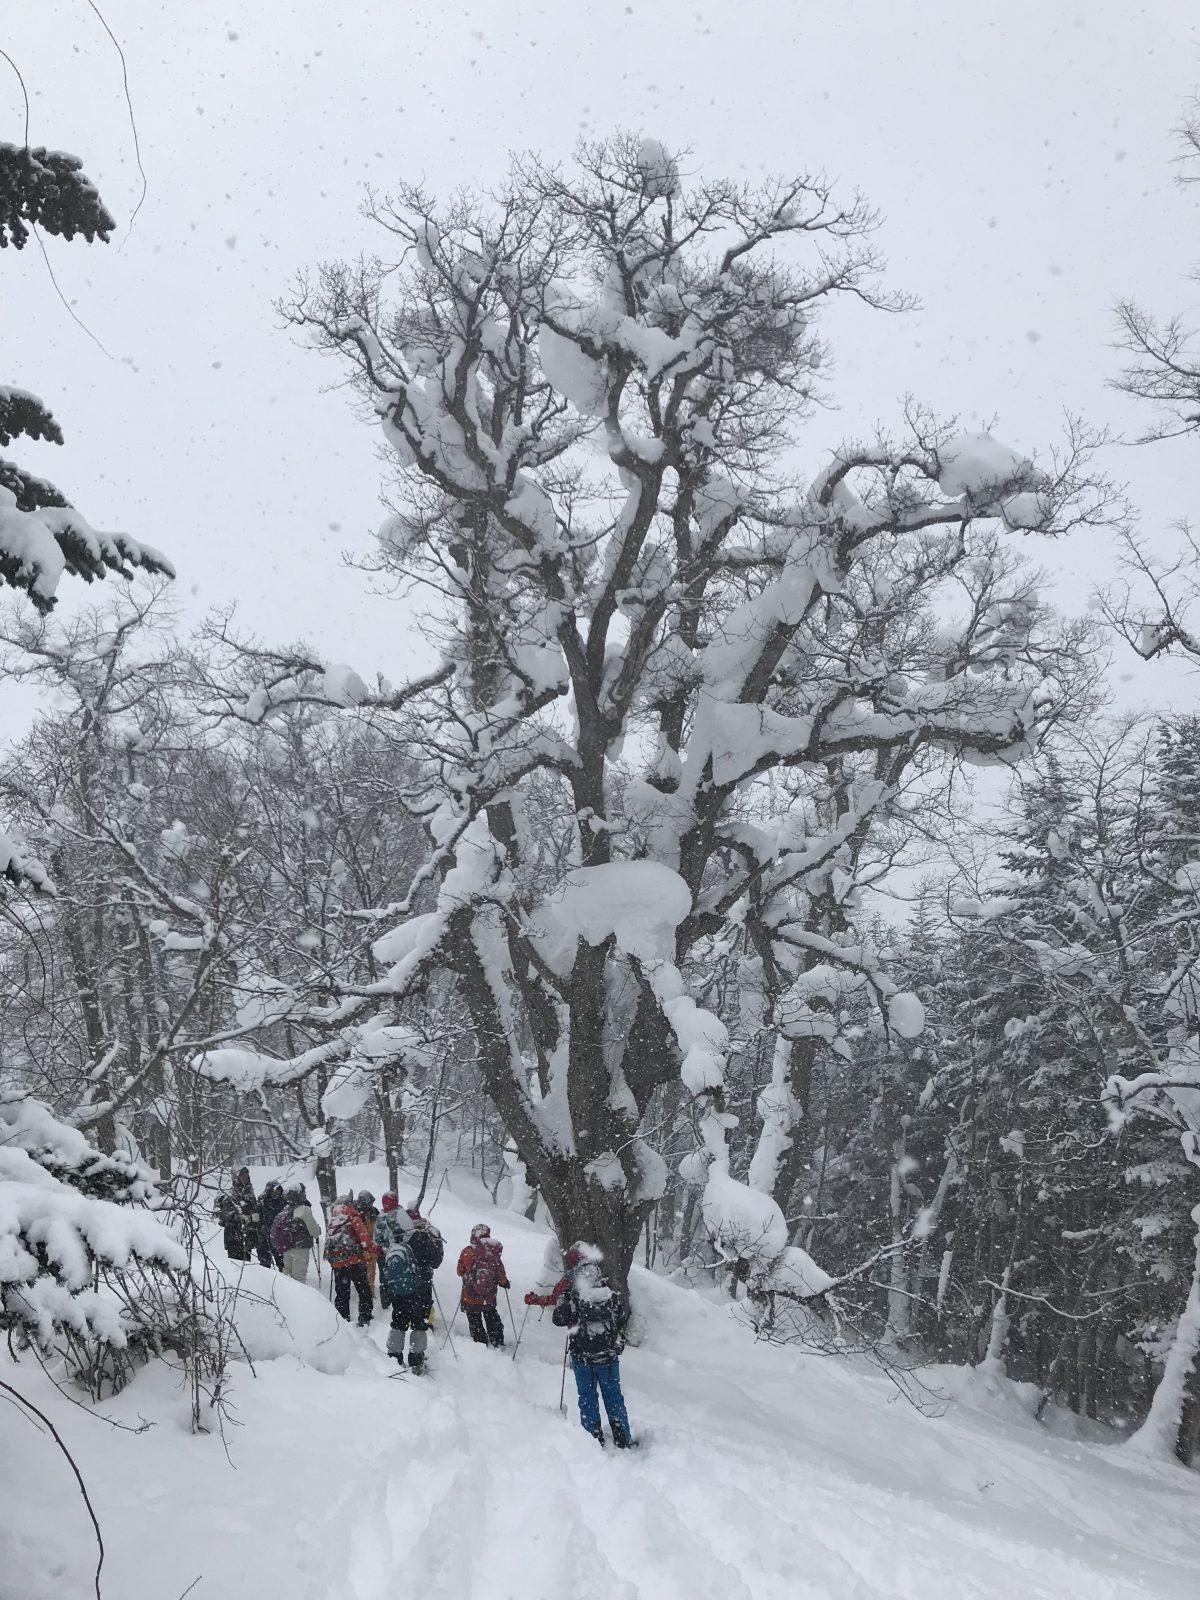 2019-02-17 ひぐま大学湯内山写真04 そこそこの巨木